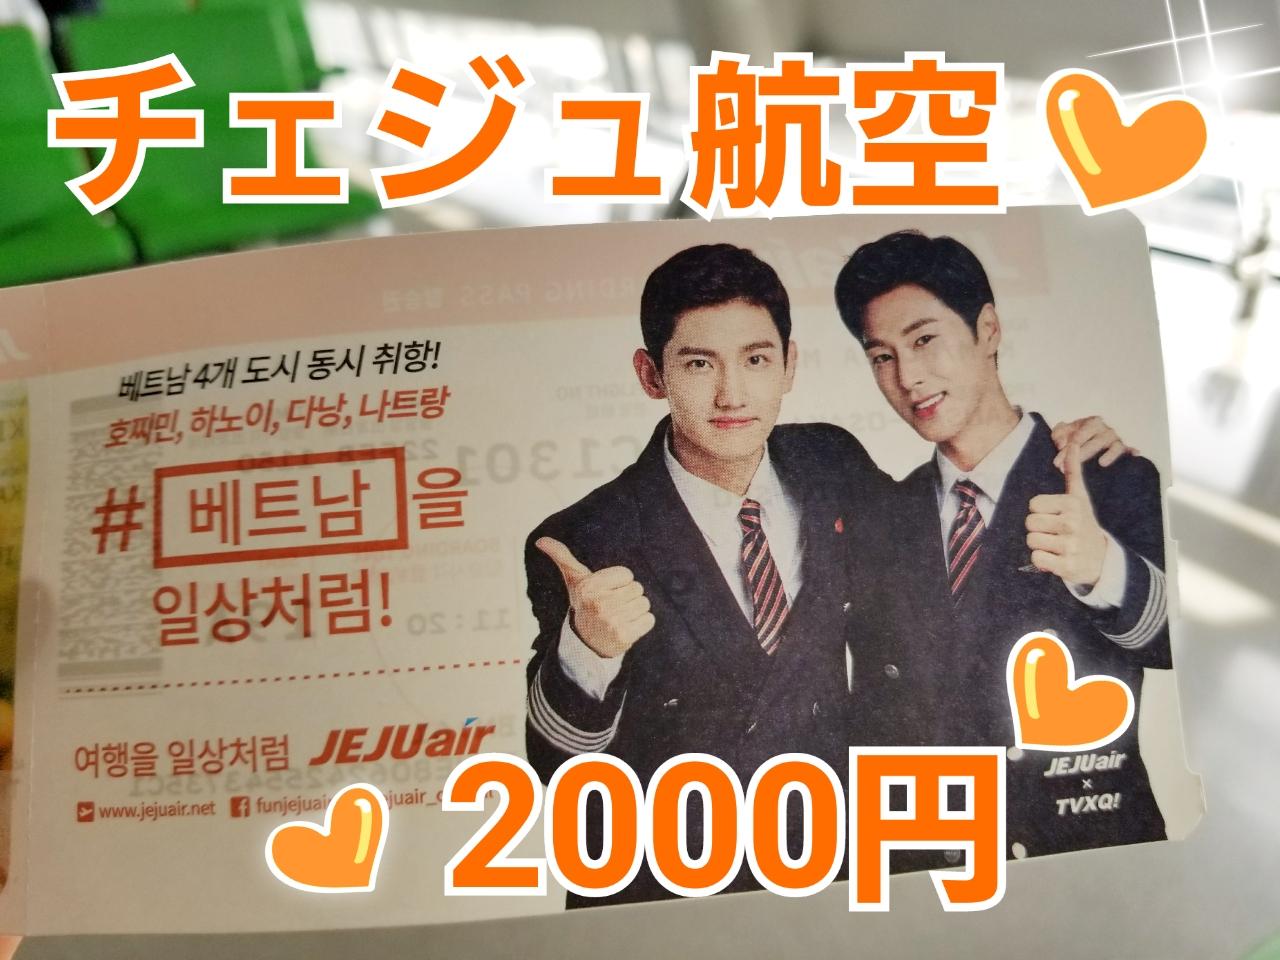 次は3/7❤️チェジュ航空でたったの2000円で韓国へ行けちゃうよ!!